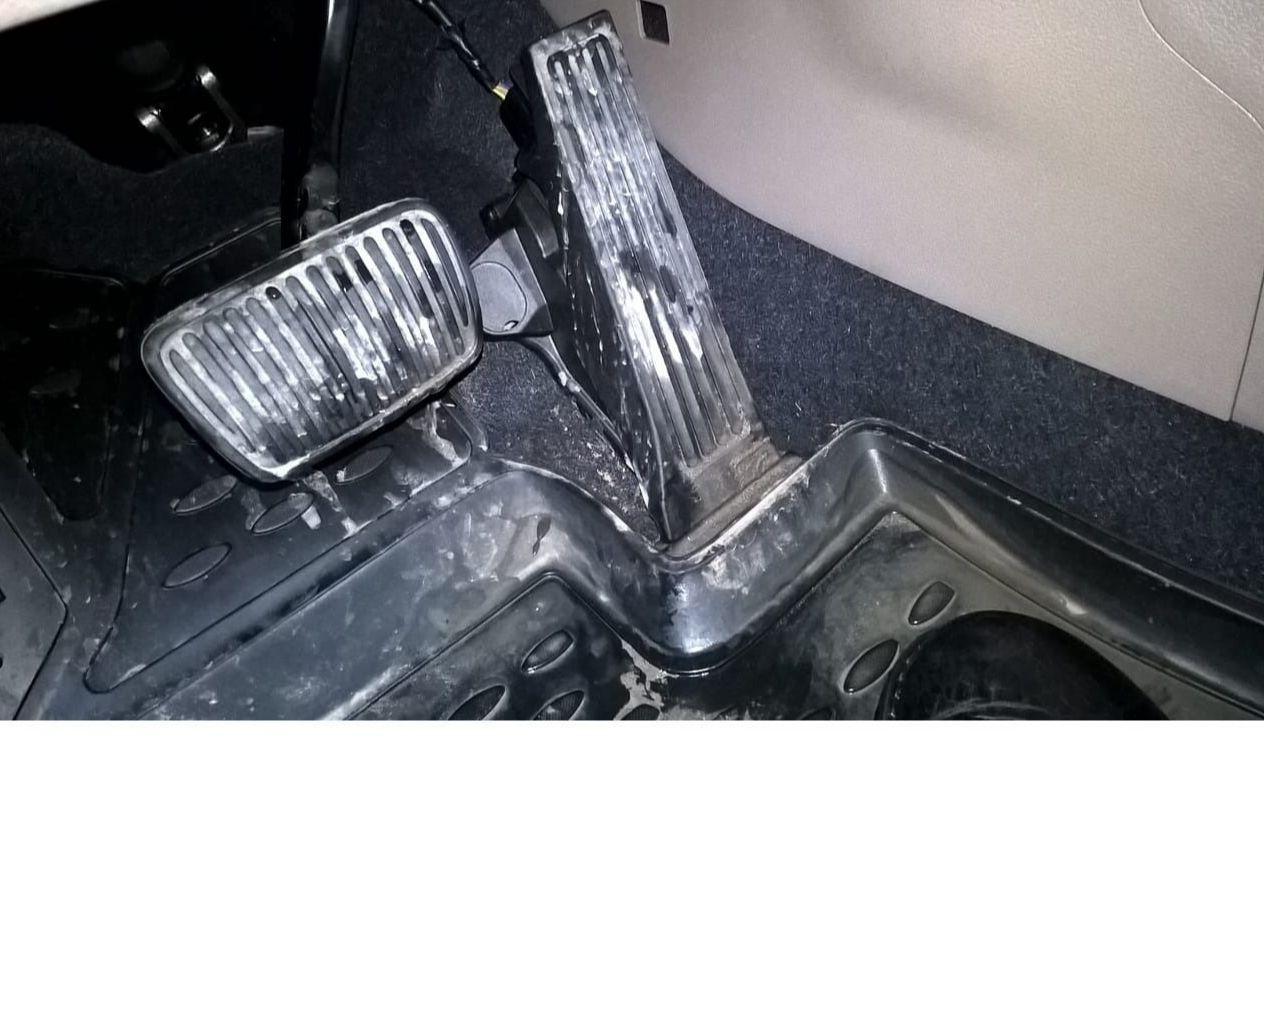 Коврик не защищает на новой машине от грязи. Напольная педаль это грязь на ворсе.